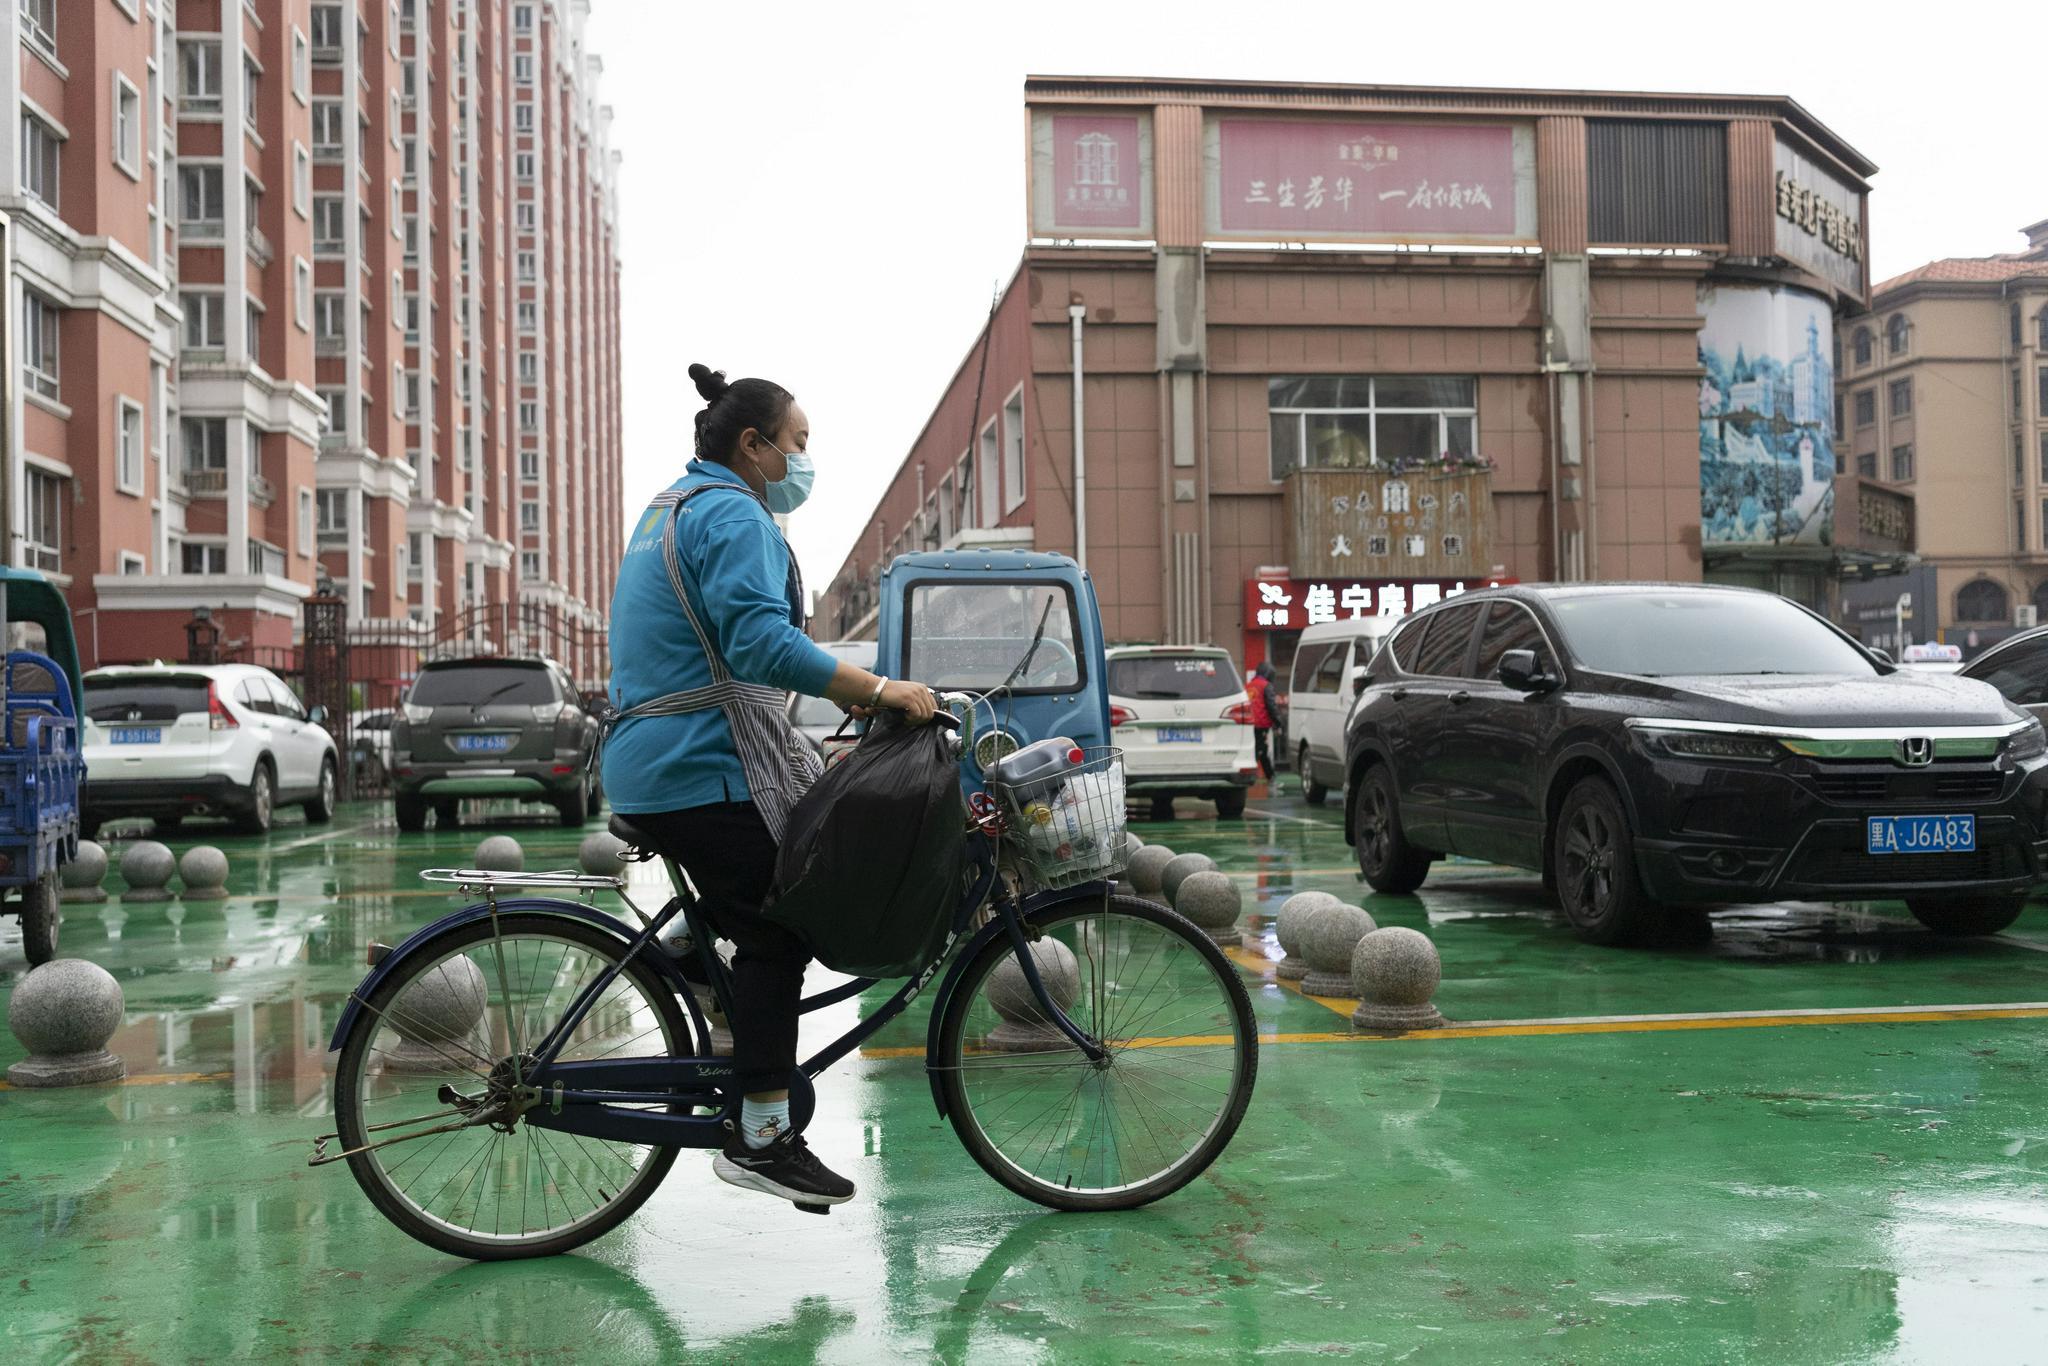 黑龙江省现有本土确诊病例49例